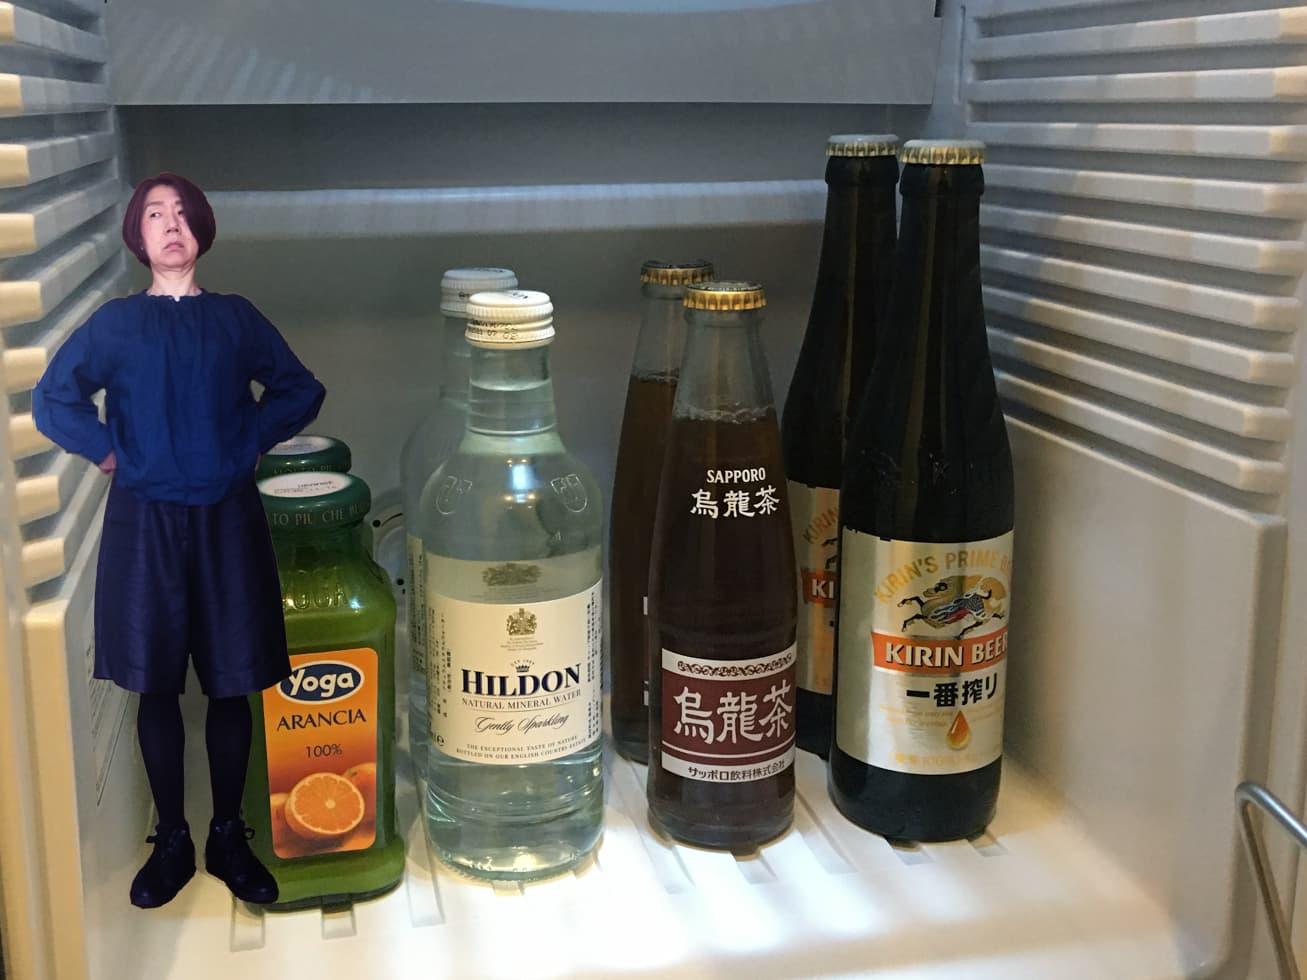 50代旅行コーデで冷蔵庫の中でポーズをとるガッツの写真